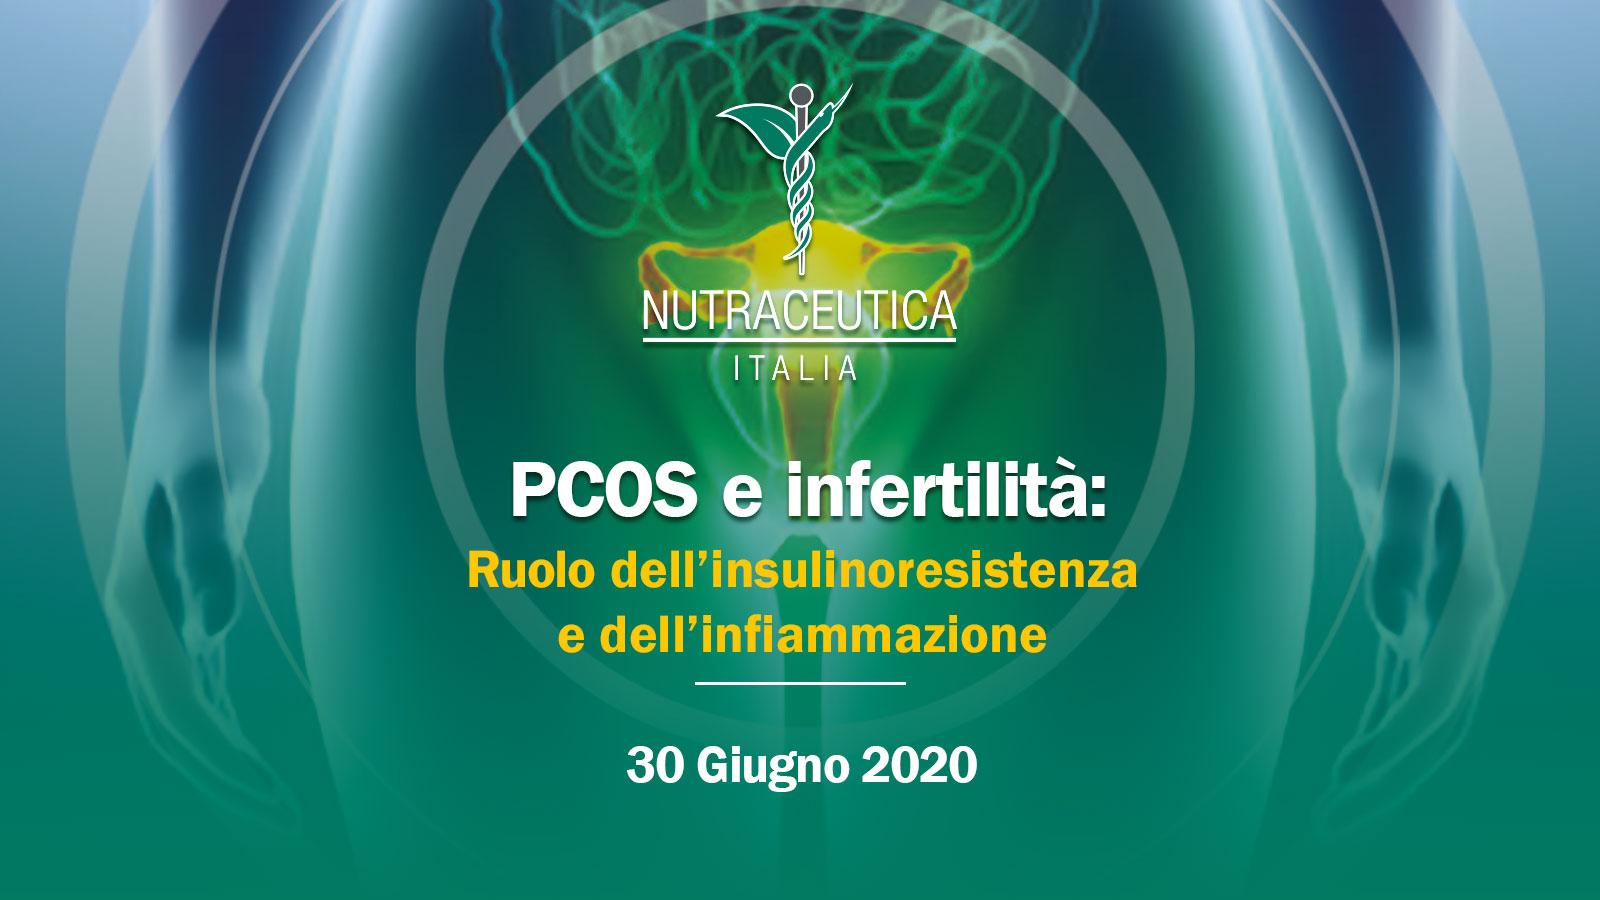 PCOS e infertilità: Ruolo dell'insulinoresistenza e dell'infiammazione